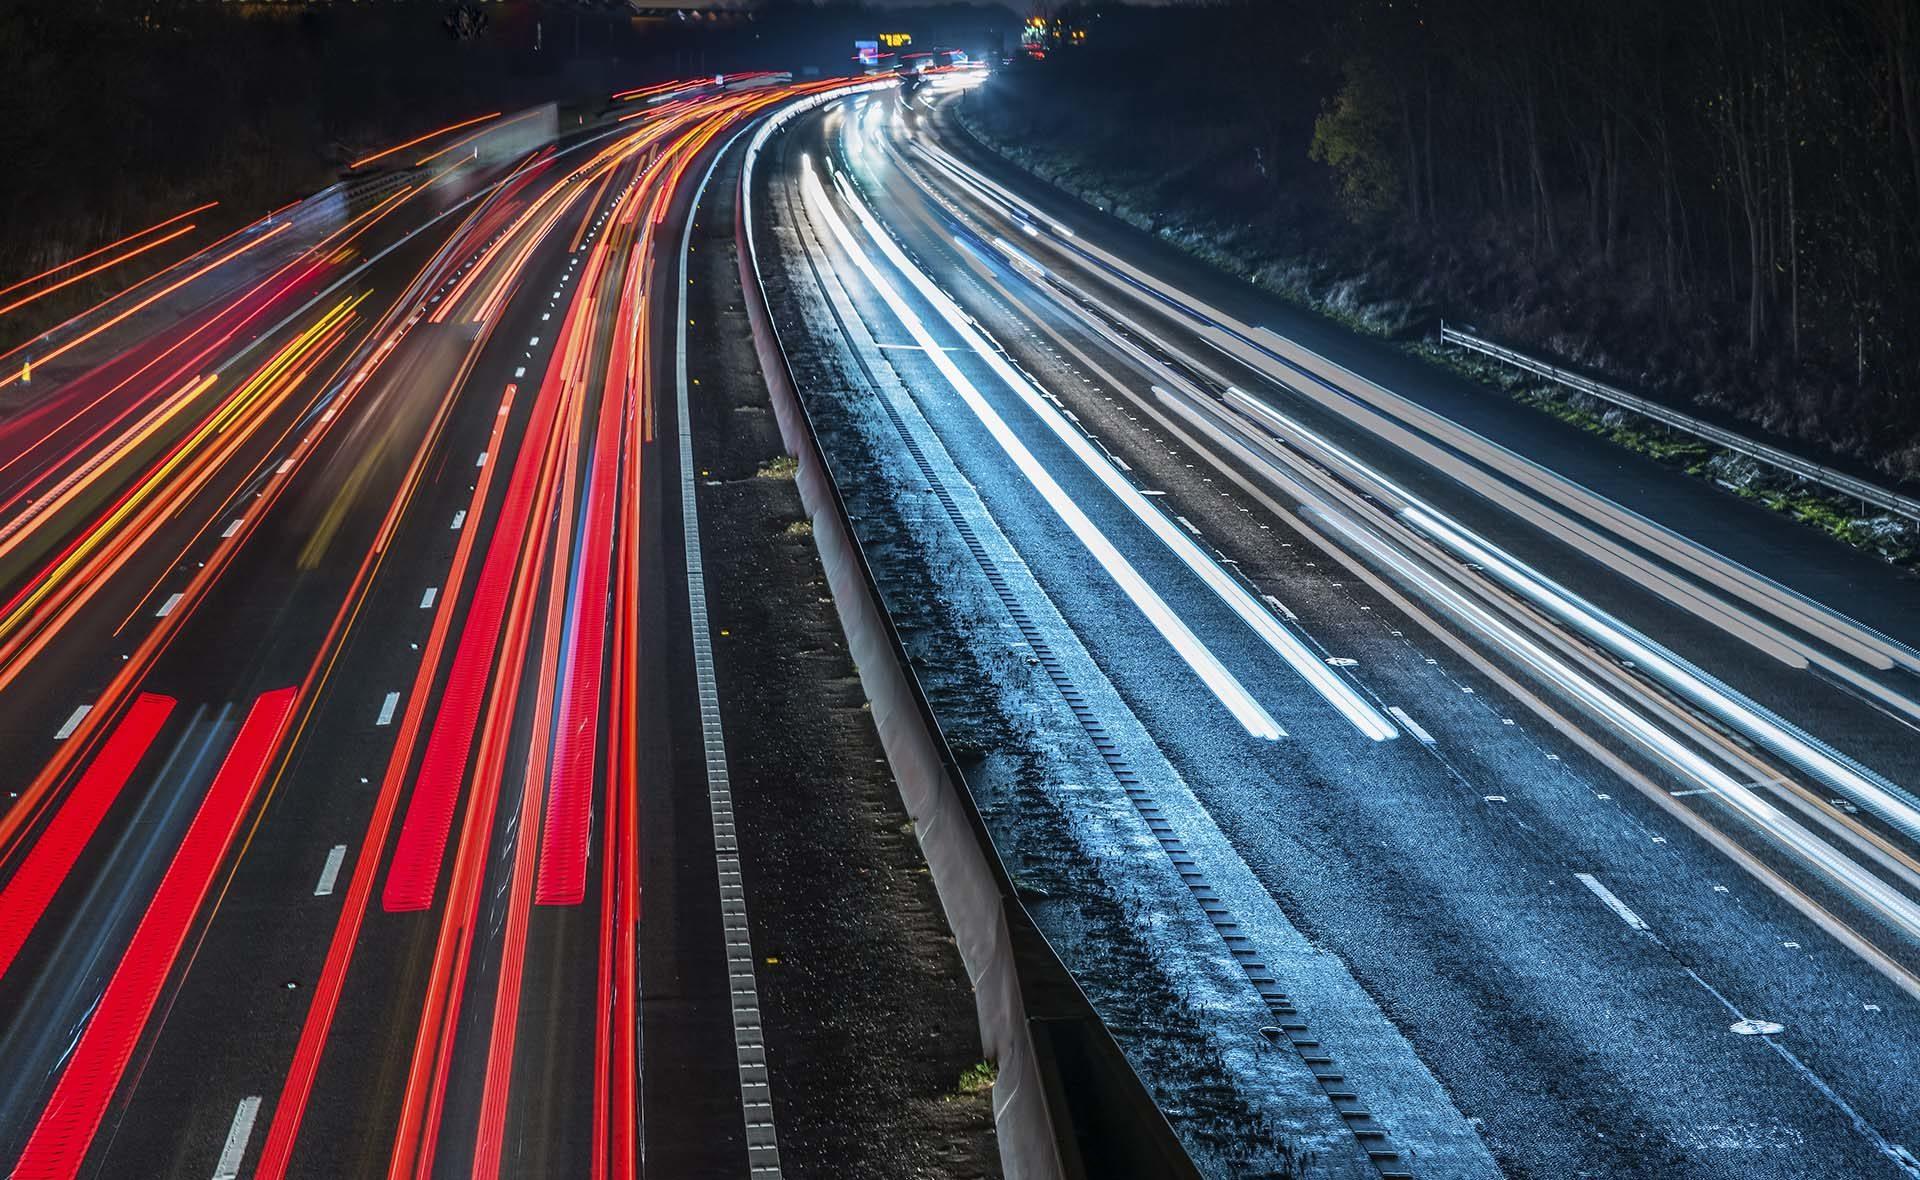 Fotografía de Blockchain, carretera, coches, luces, velocidad, noche, tecnología, conexiones